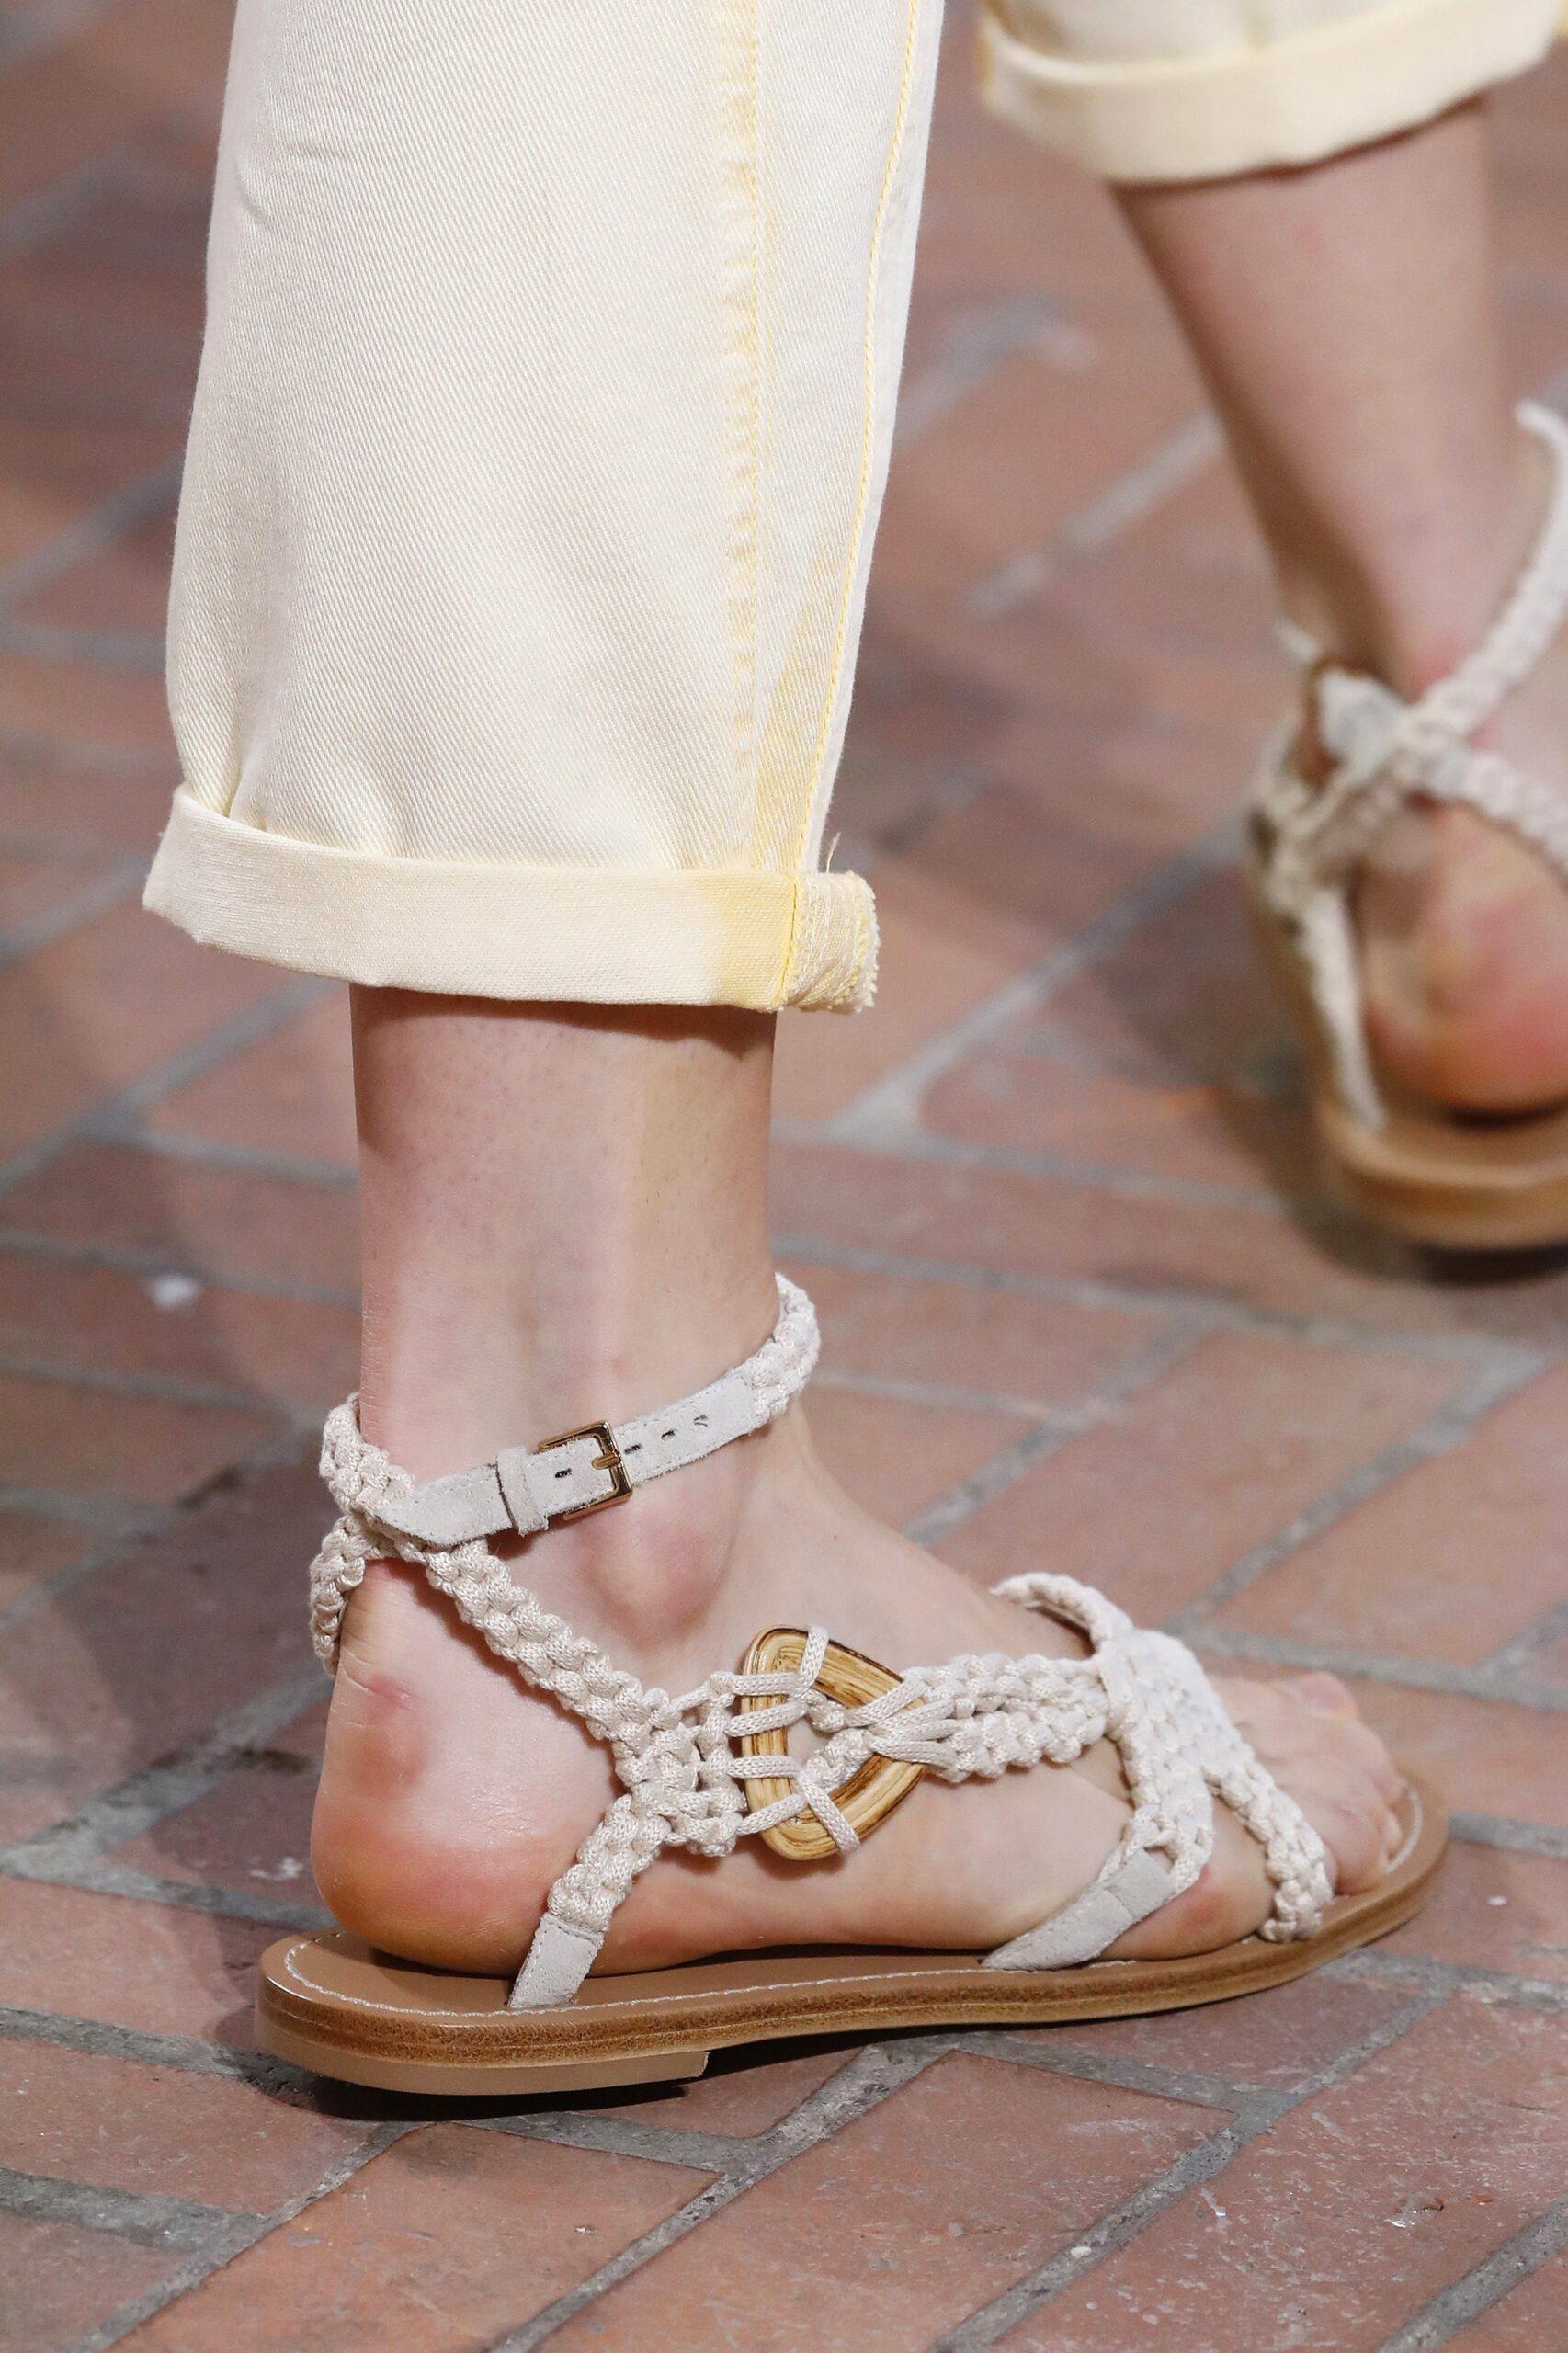 модная обувь лето 2021 на низком ходу плоская подошва без каблука женская веревочные плетеные макраме белые